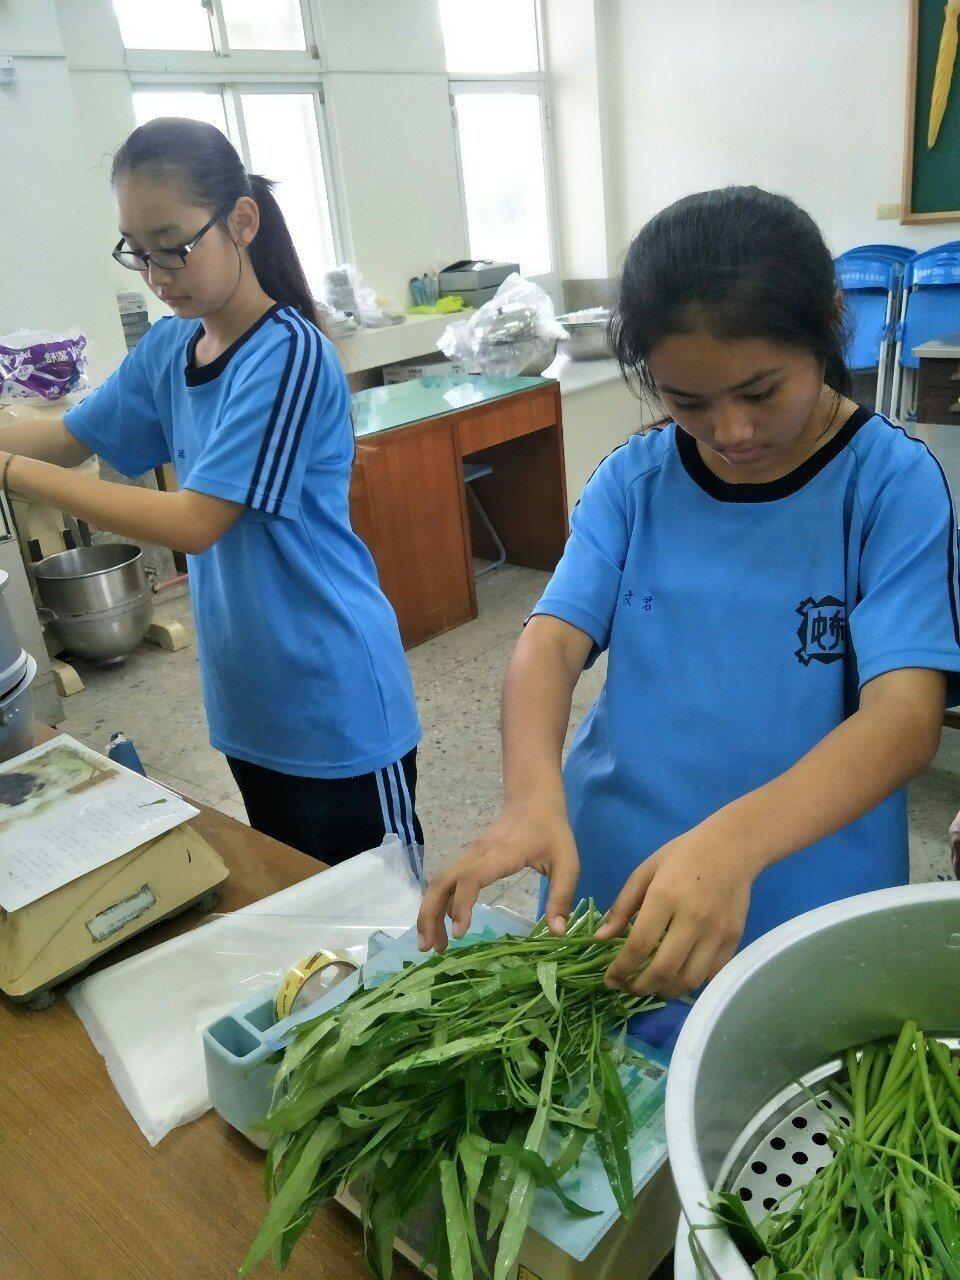 學生們洗菜包裝。記者謝恩得/翻攝